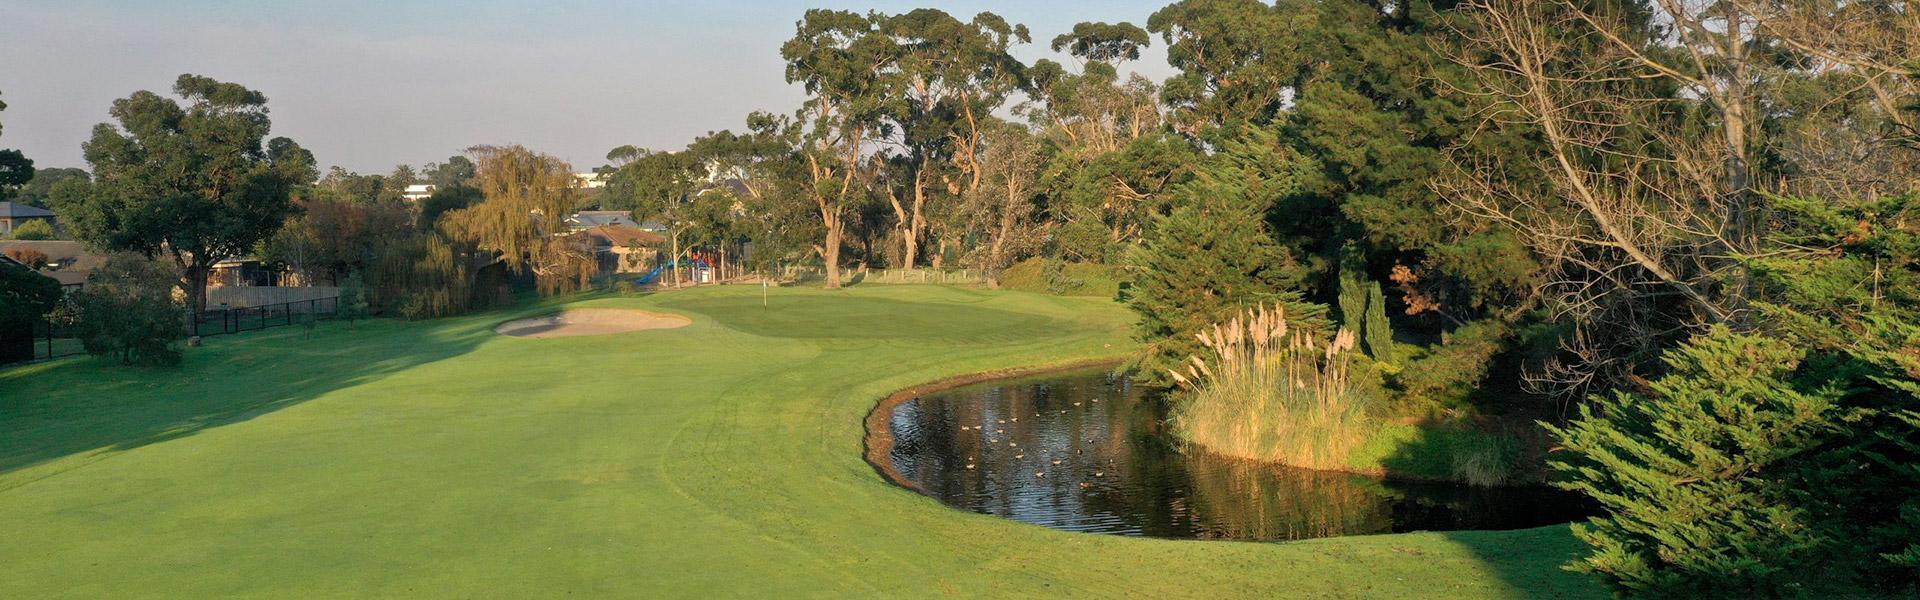 Hole 7 - Rossdale Golf Club